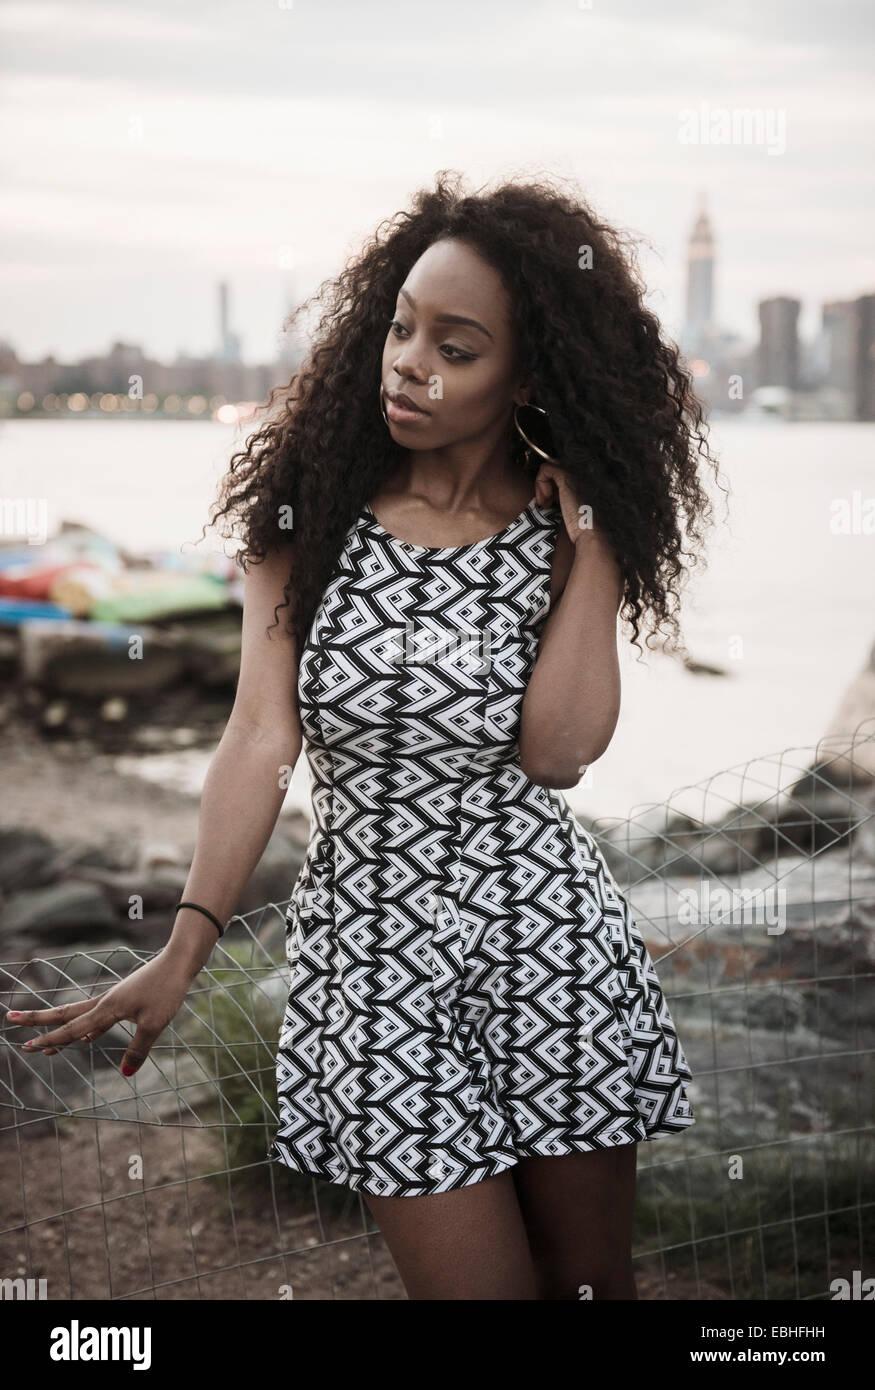 Jeune femme portant robe à motifs Photo Stock